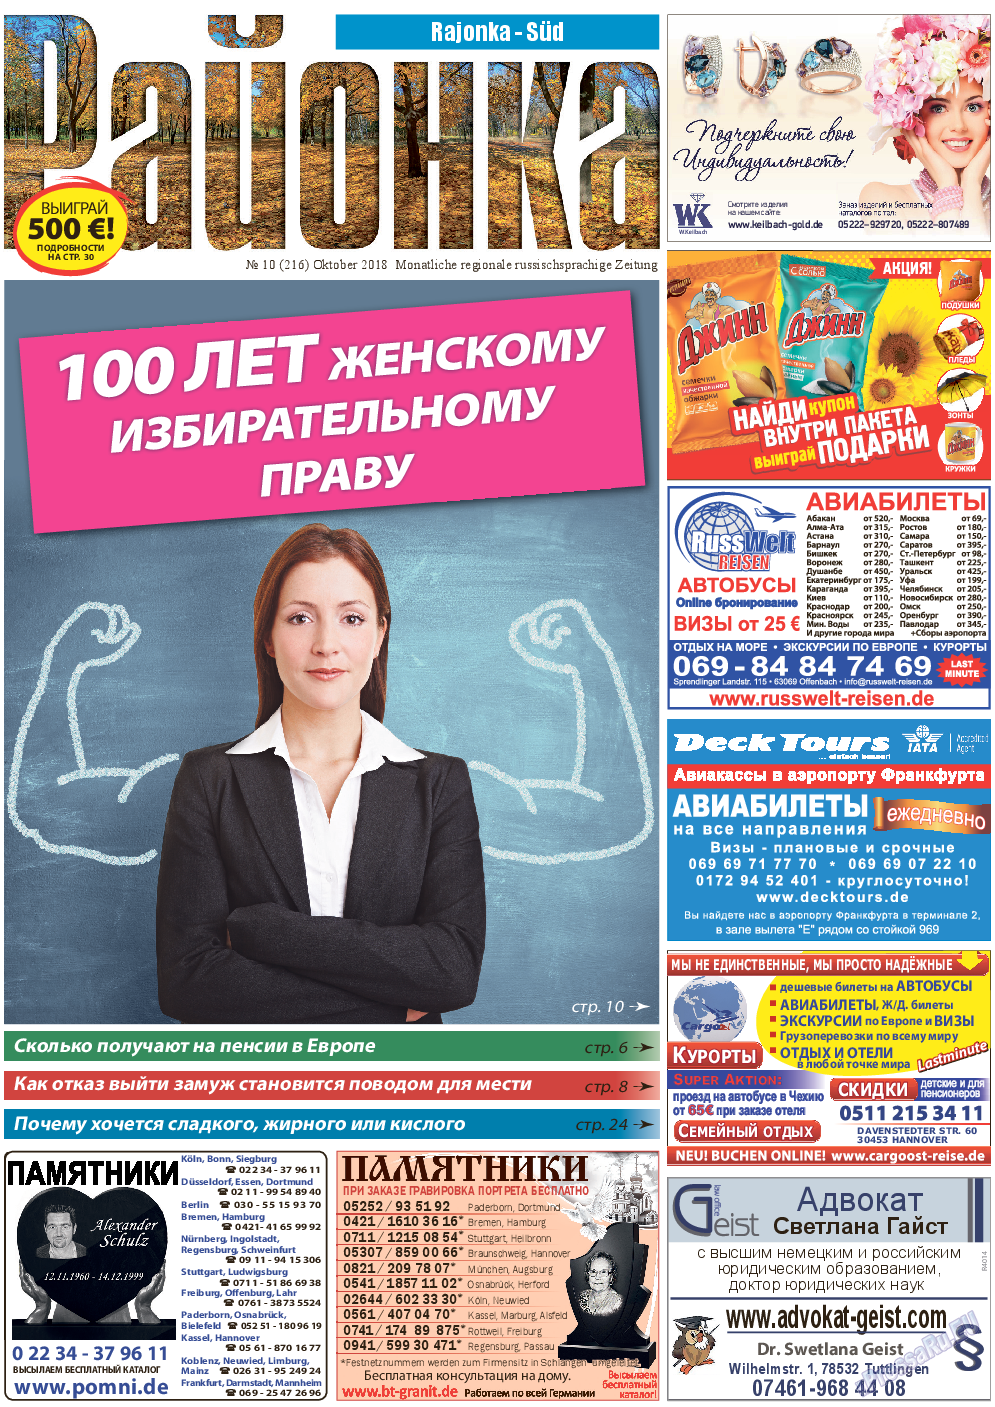 Районка-Süd-West (газета). 2018 год, номер 10, стр. 1